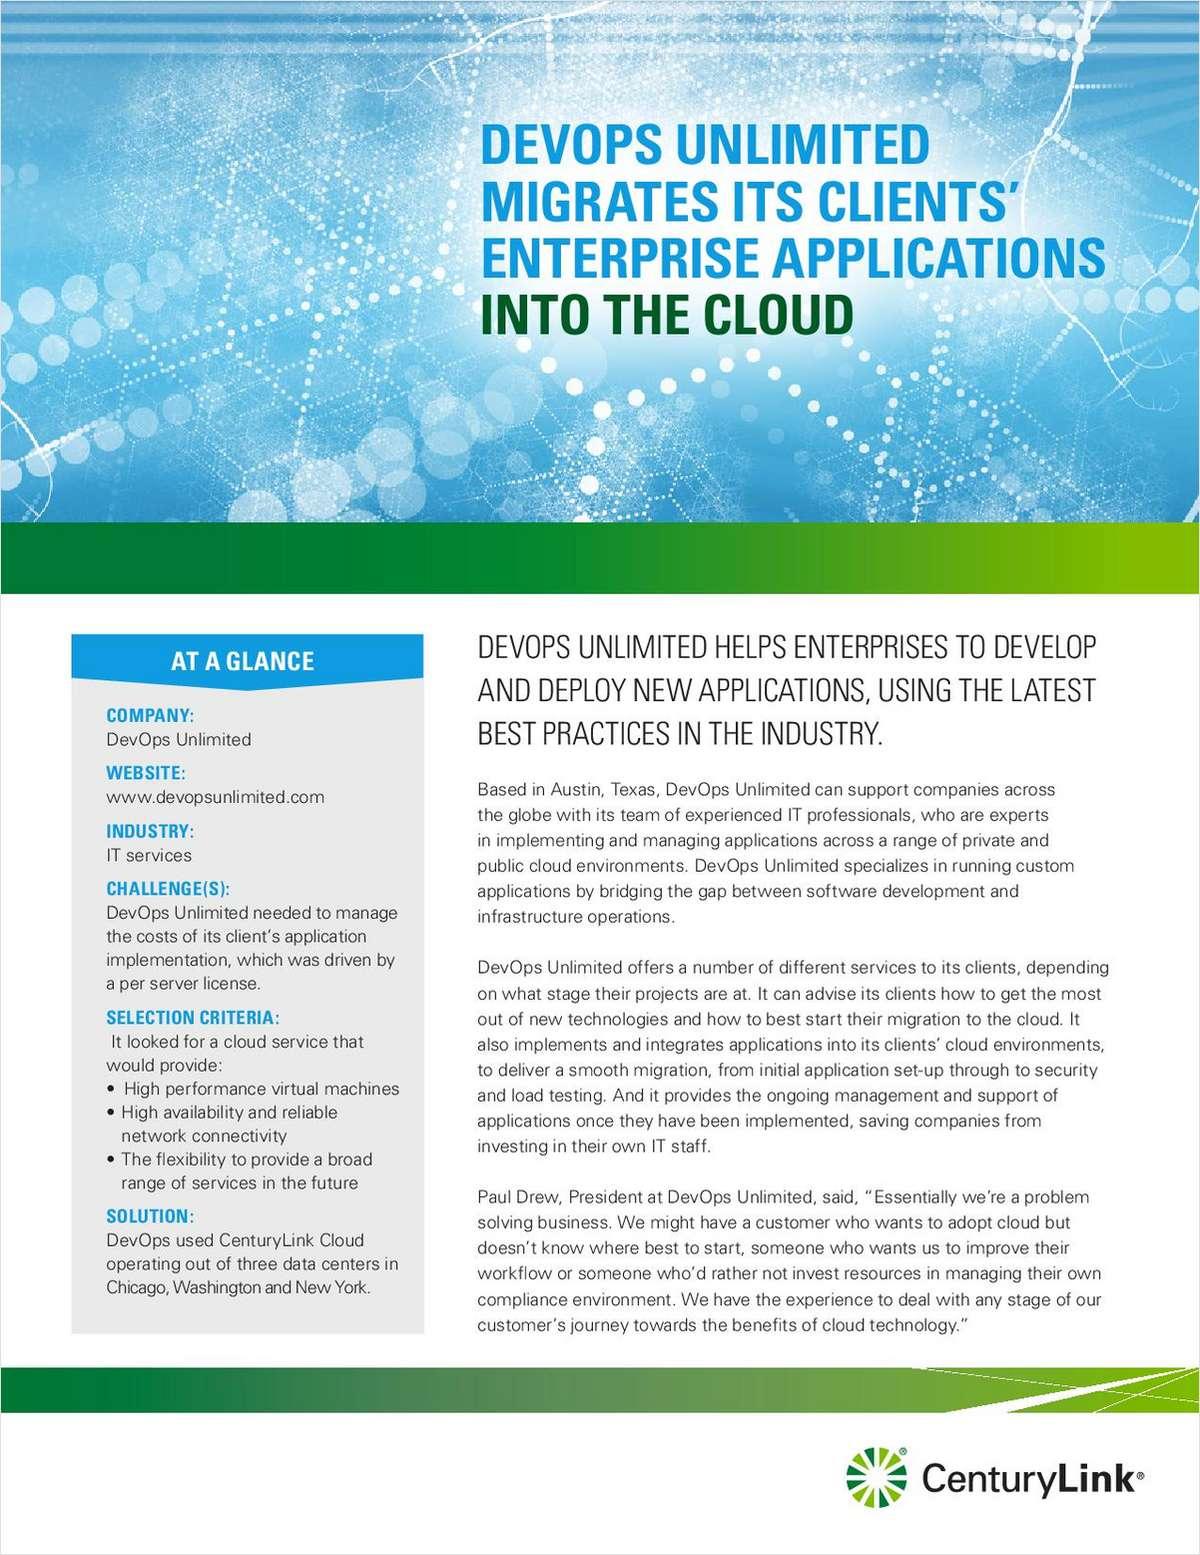 DevOps Unlimited Migrates Its Clients' Enterprise Applications to the Cloud